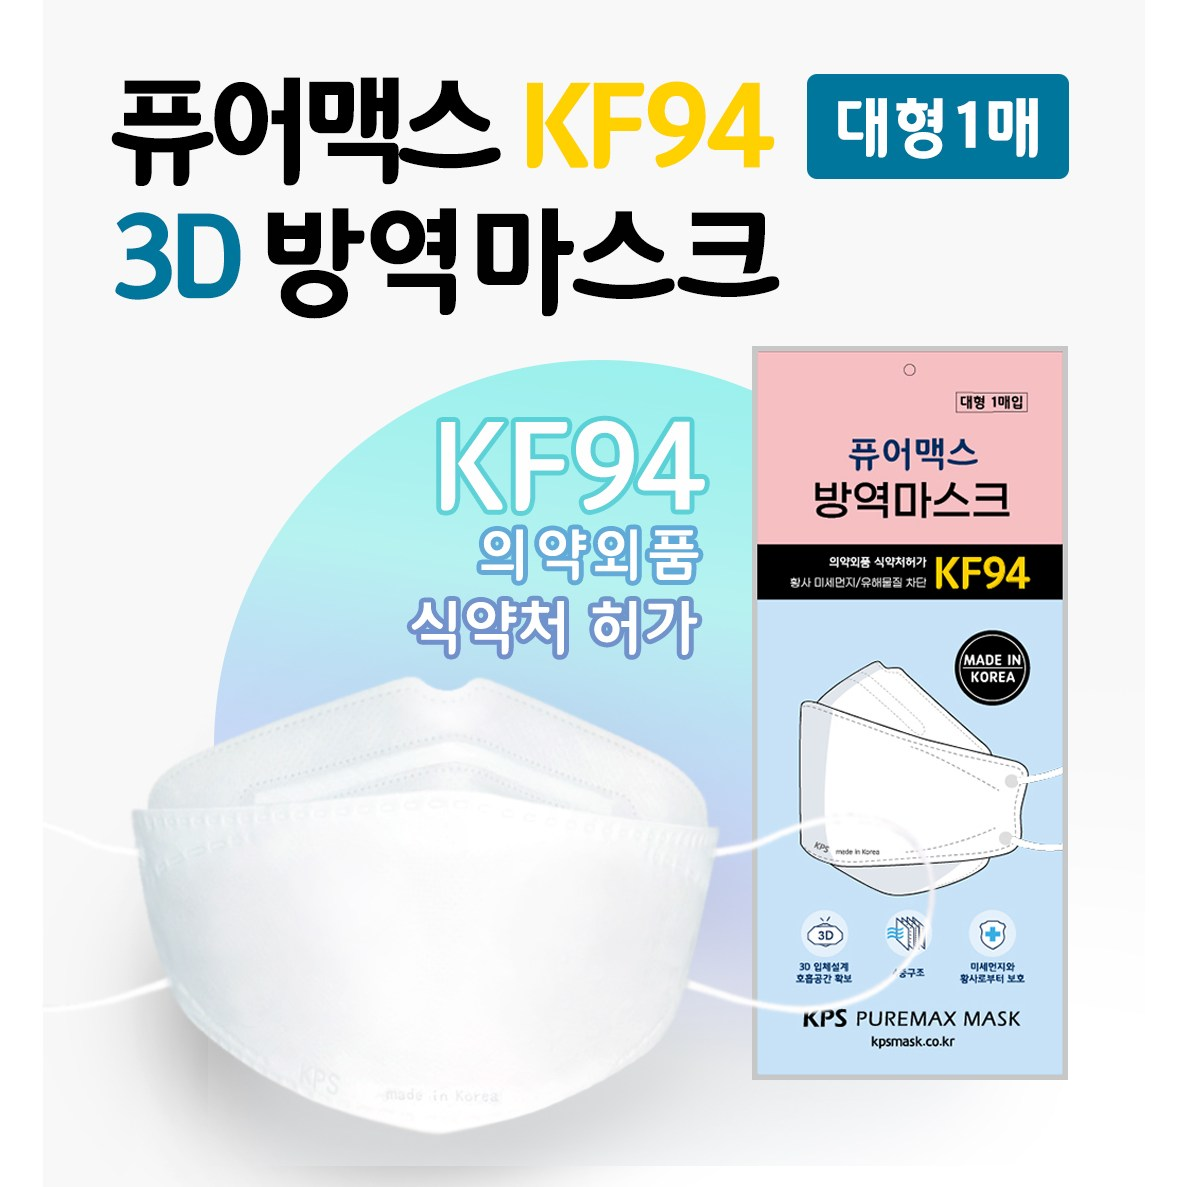 퓨어맥스 식약처 인증 국내산 KF94 마스크 대형 화이트, KF94 - 100매입 (+일반마스크 30매입 증정)